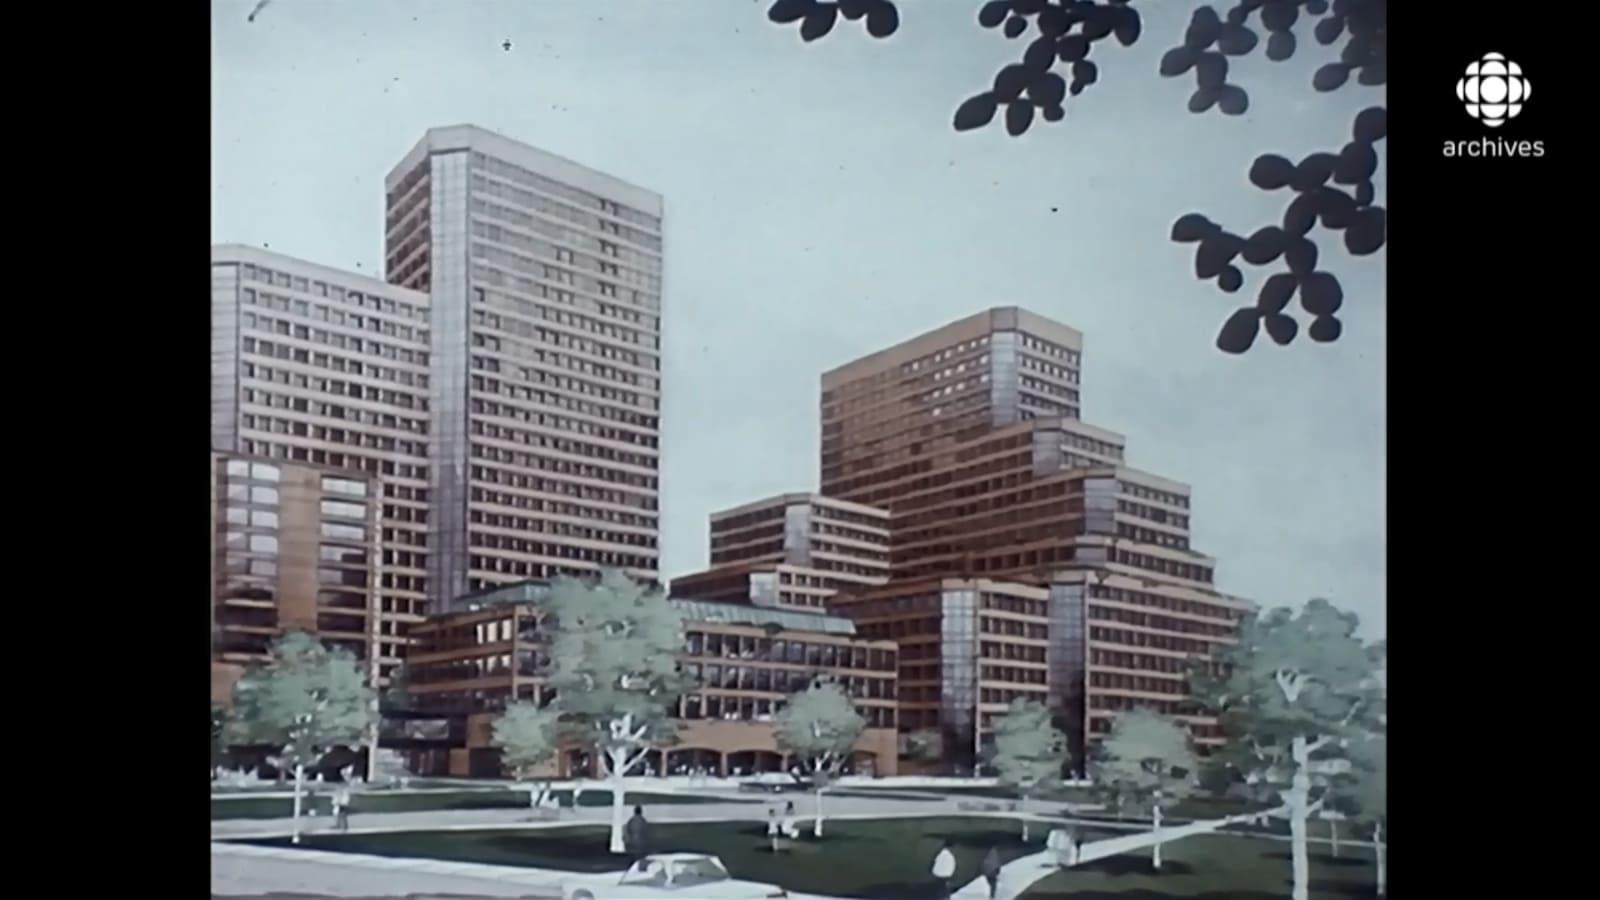 Dessin représentant les édifices des Terrasses de la Chaudière entourés d'arbres feuillus.